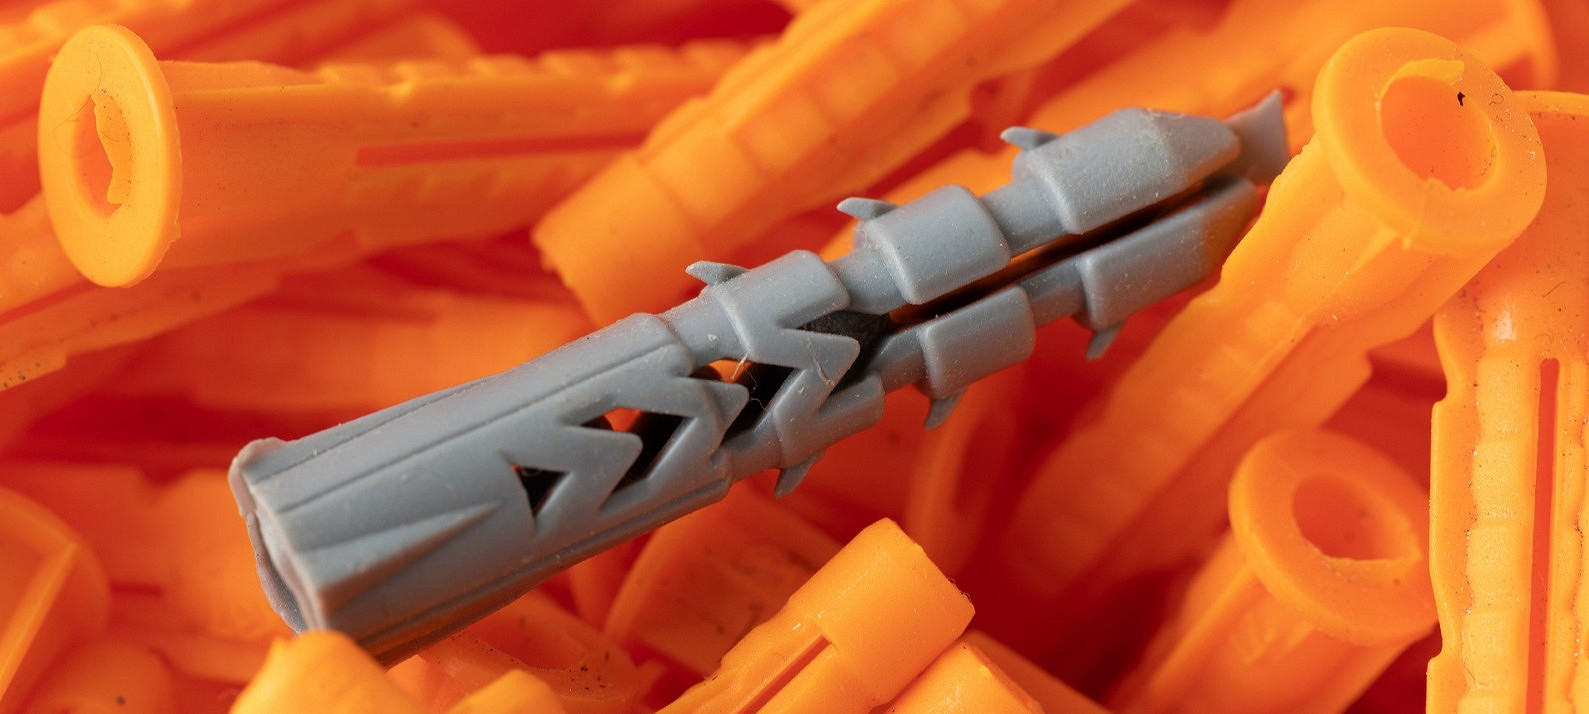 shutterstock_1611310795 min_20201223140152.jpg